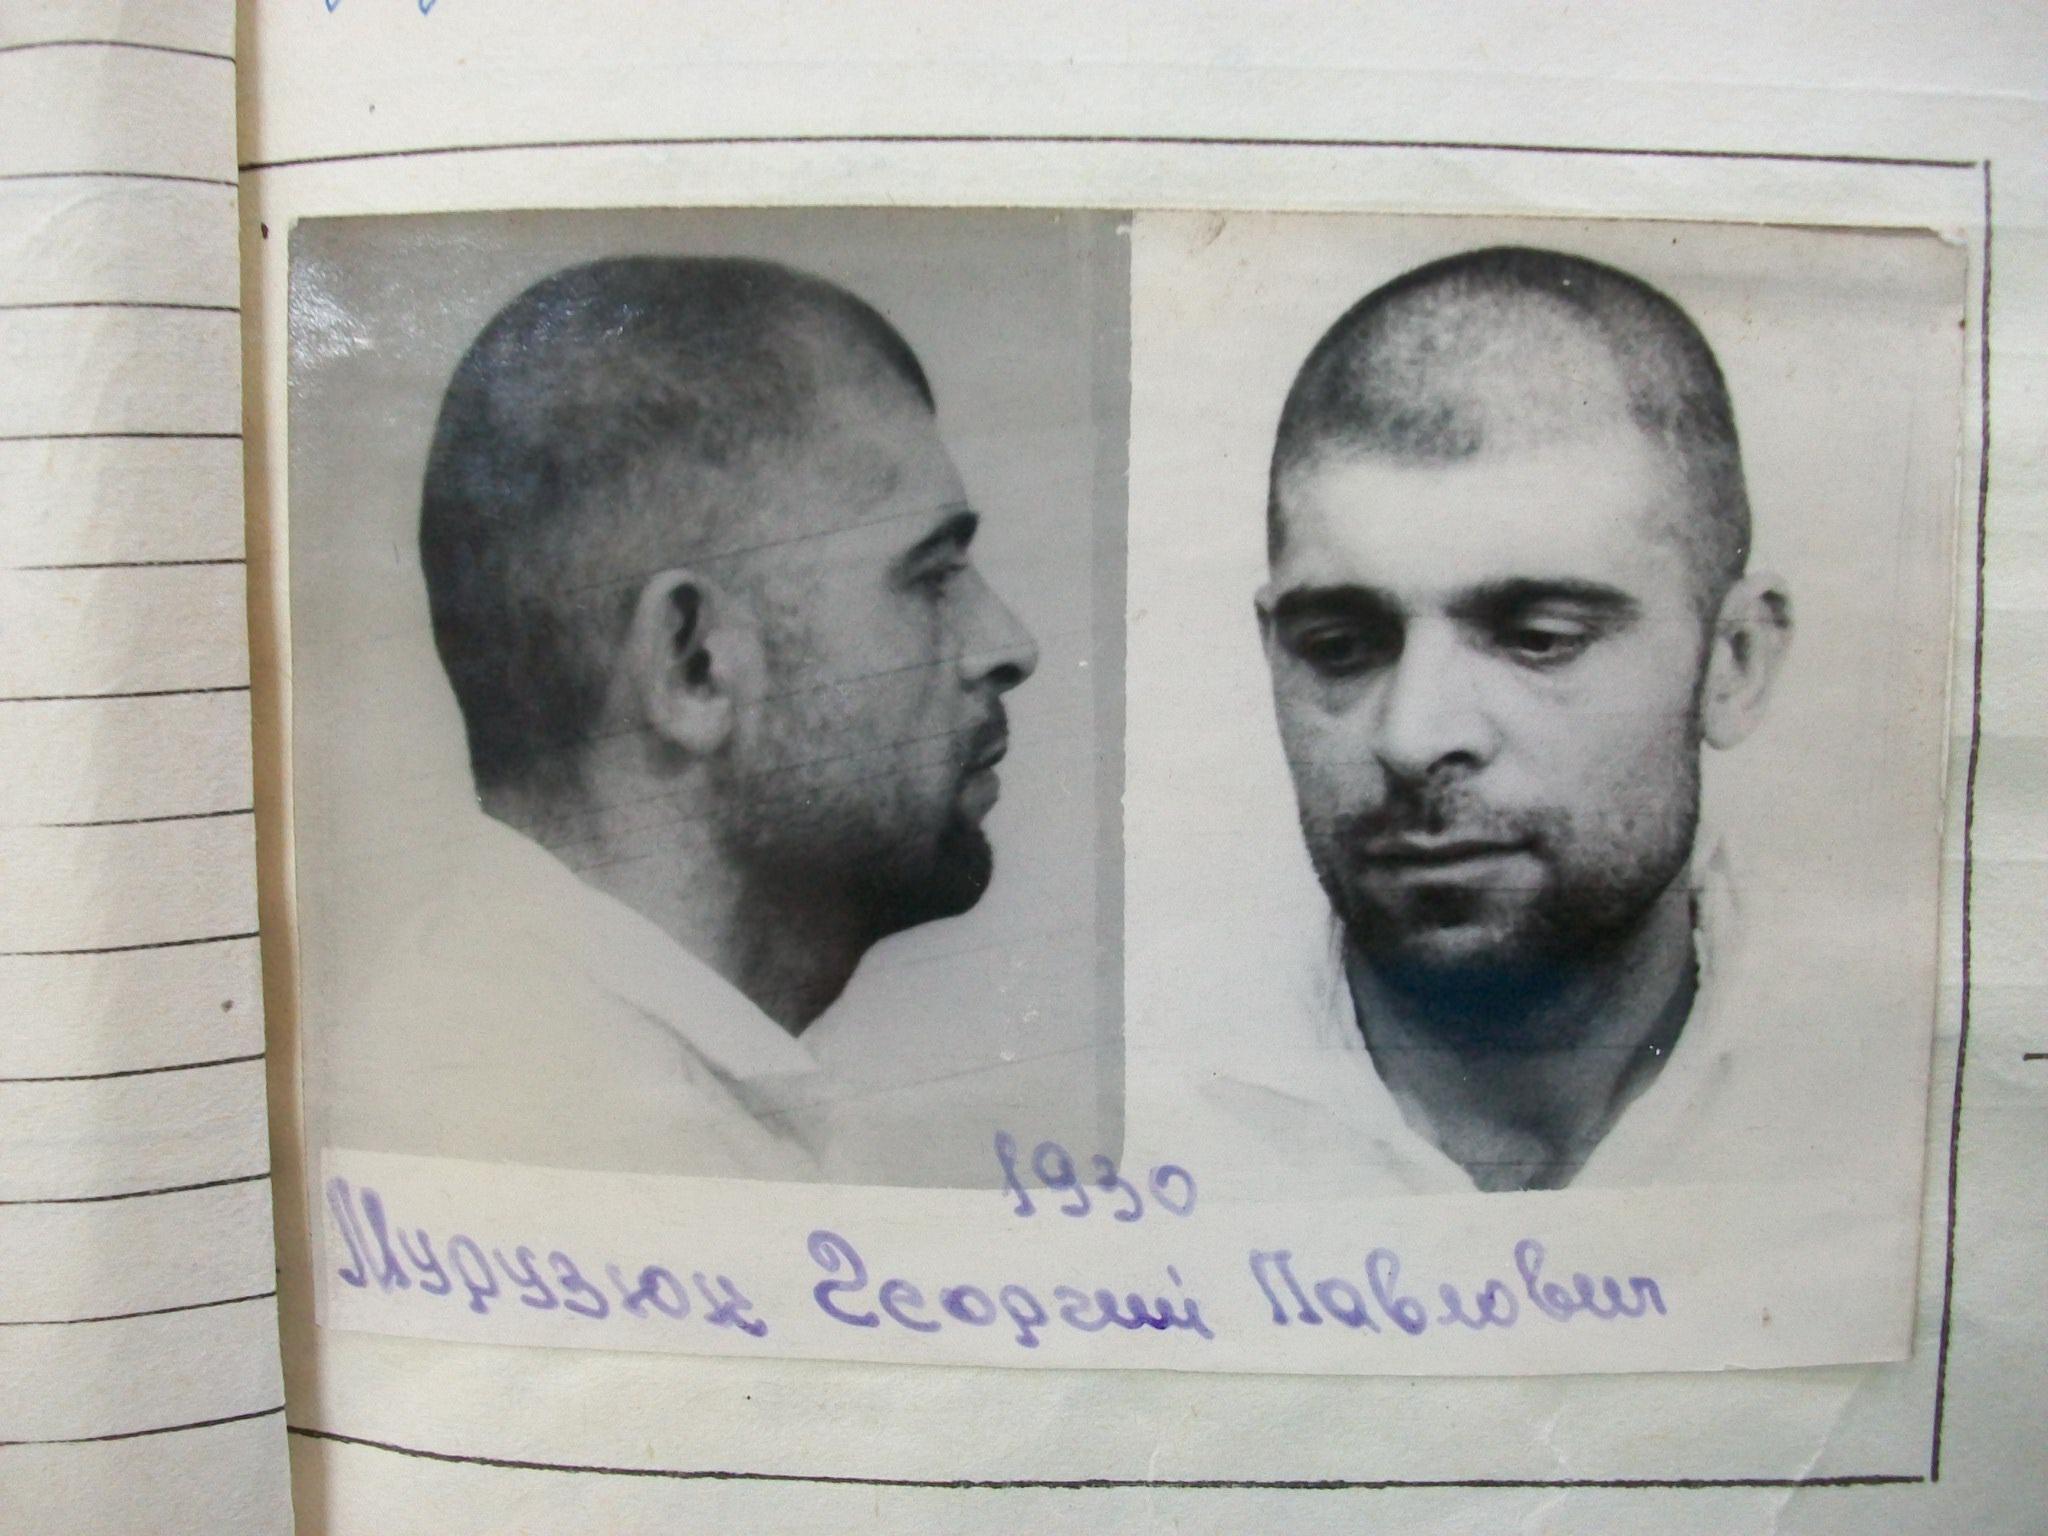 Fotografie oficială a lui Gheorghe Muruziuc făcută de miliția sovietică, 1966